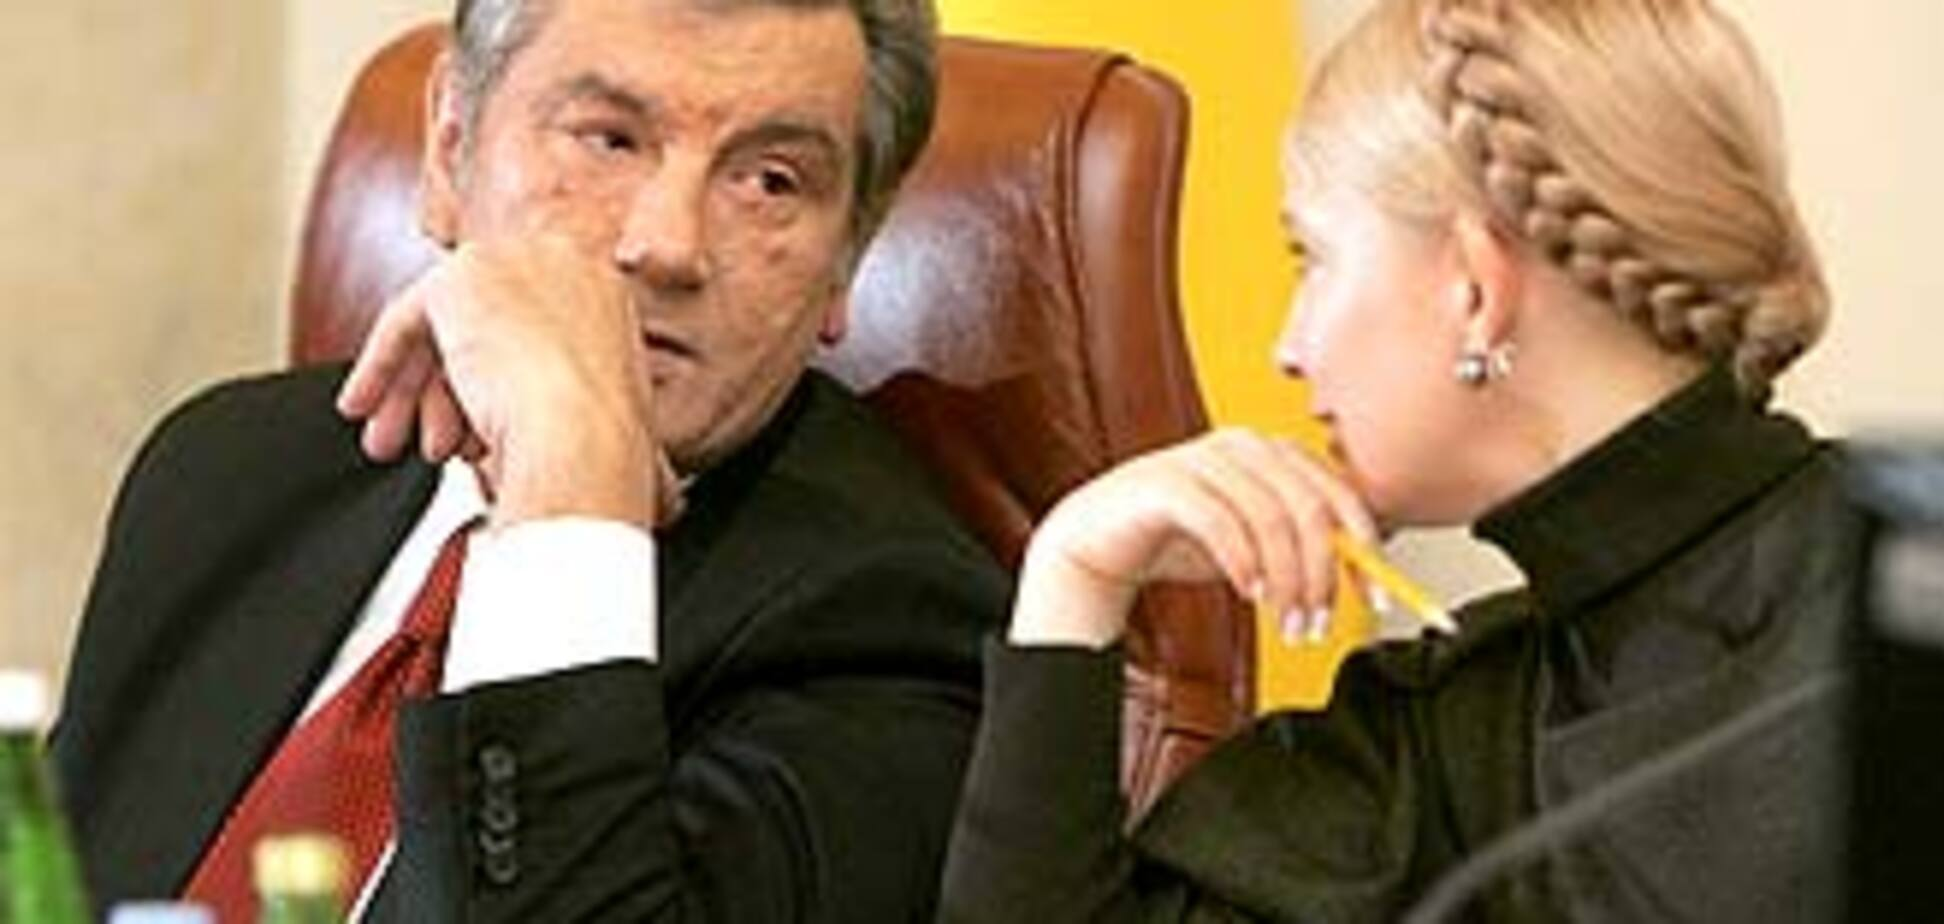 Ющенко-Тимошенко: аверс 'Одесса-Броды', немедленно